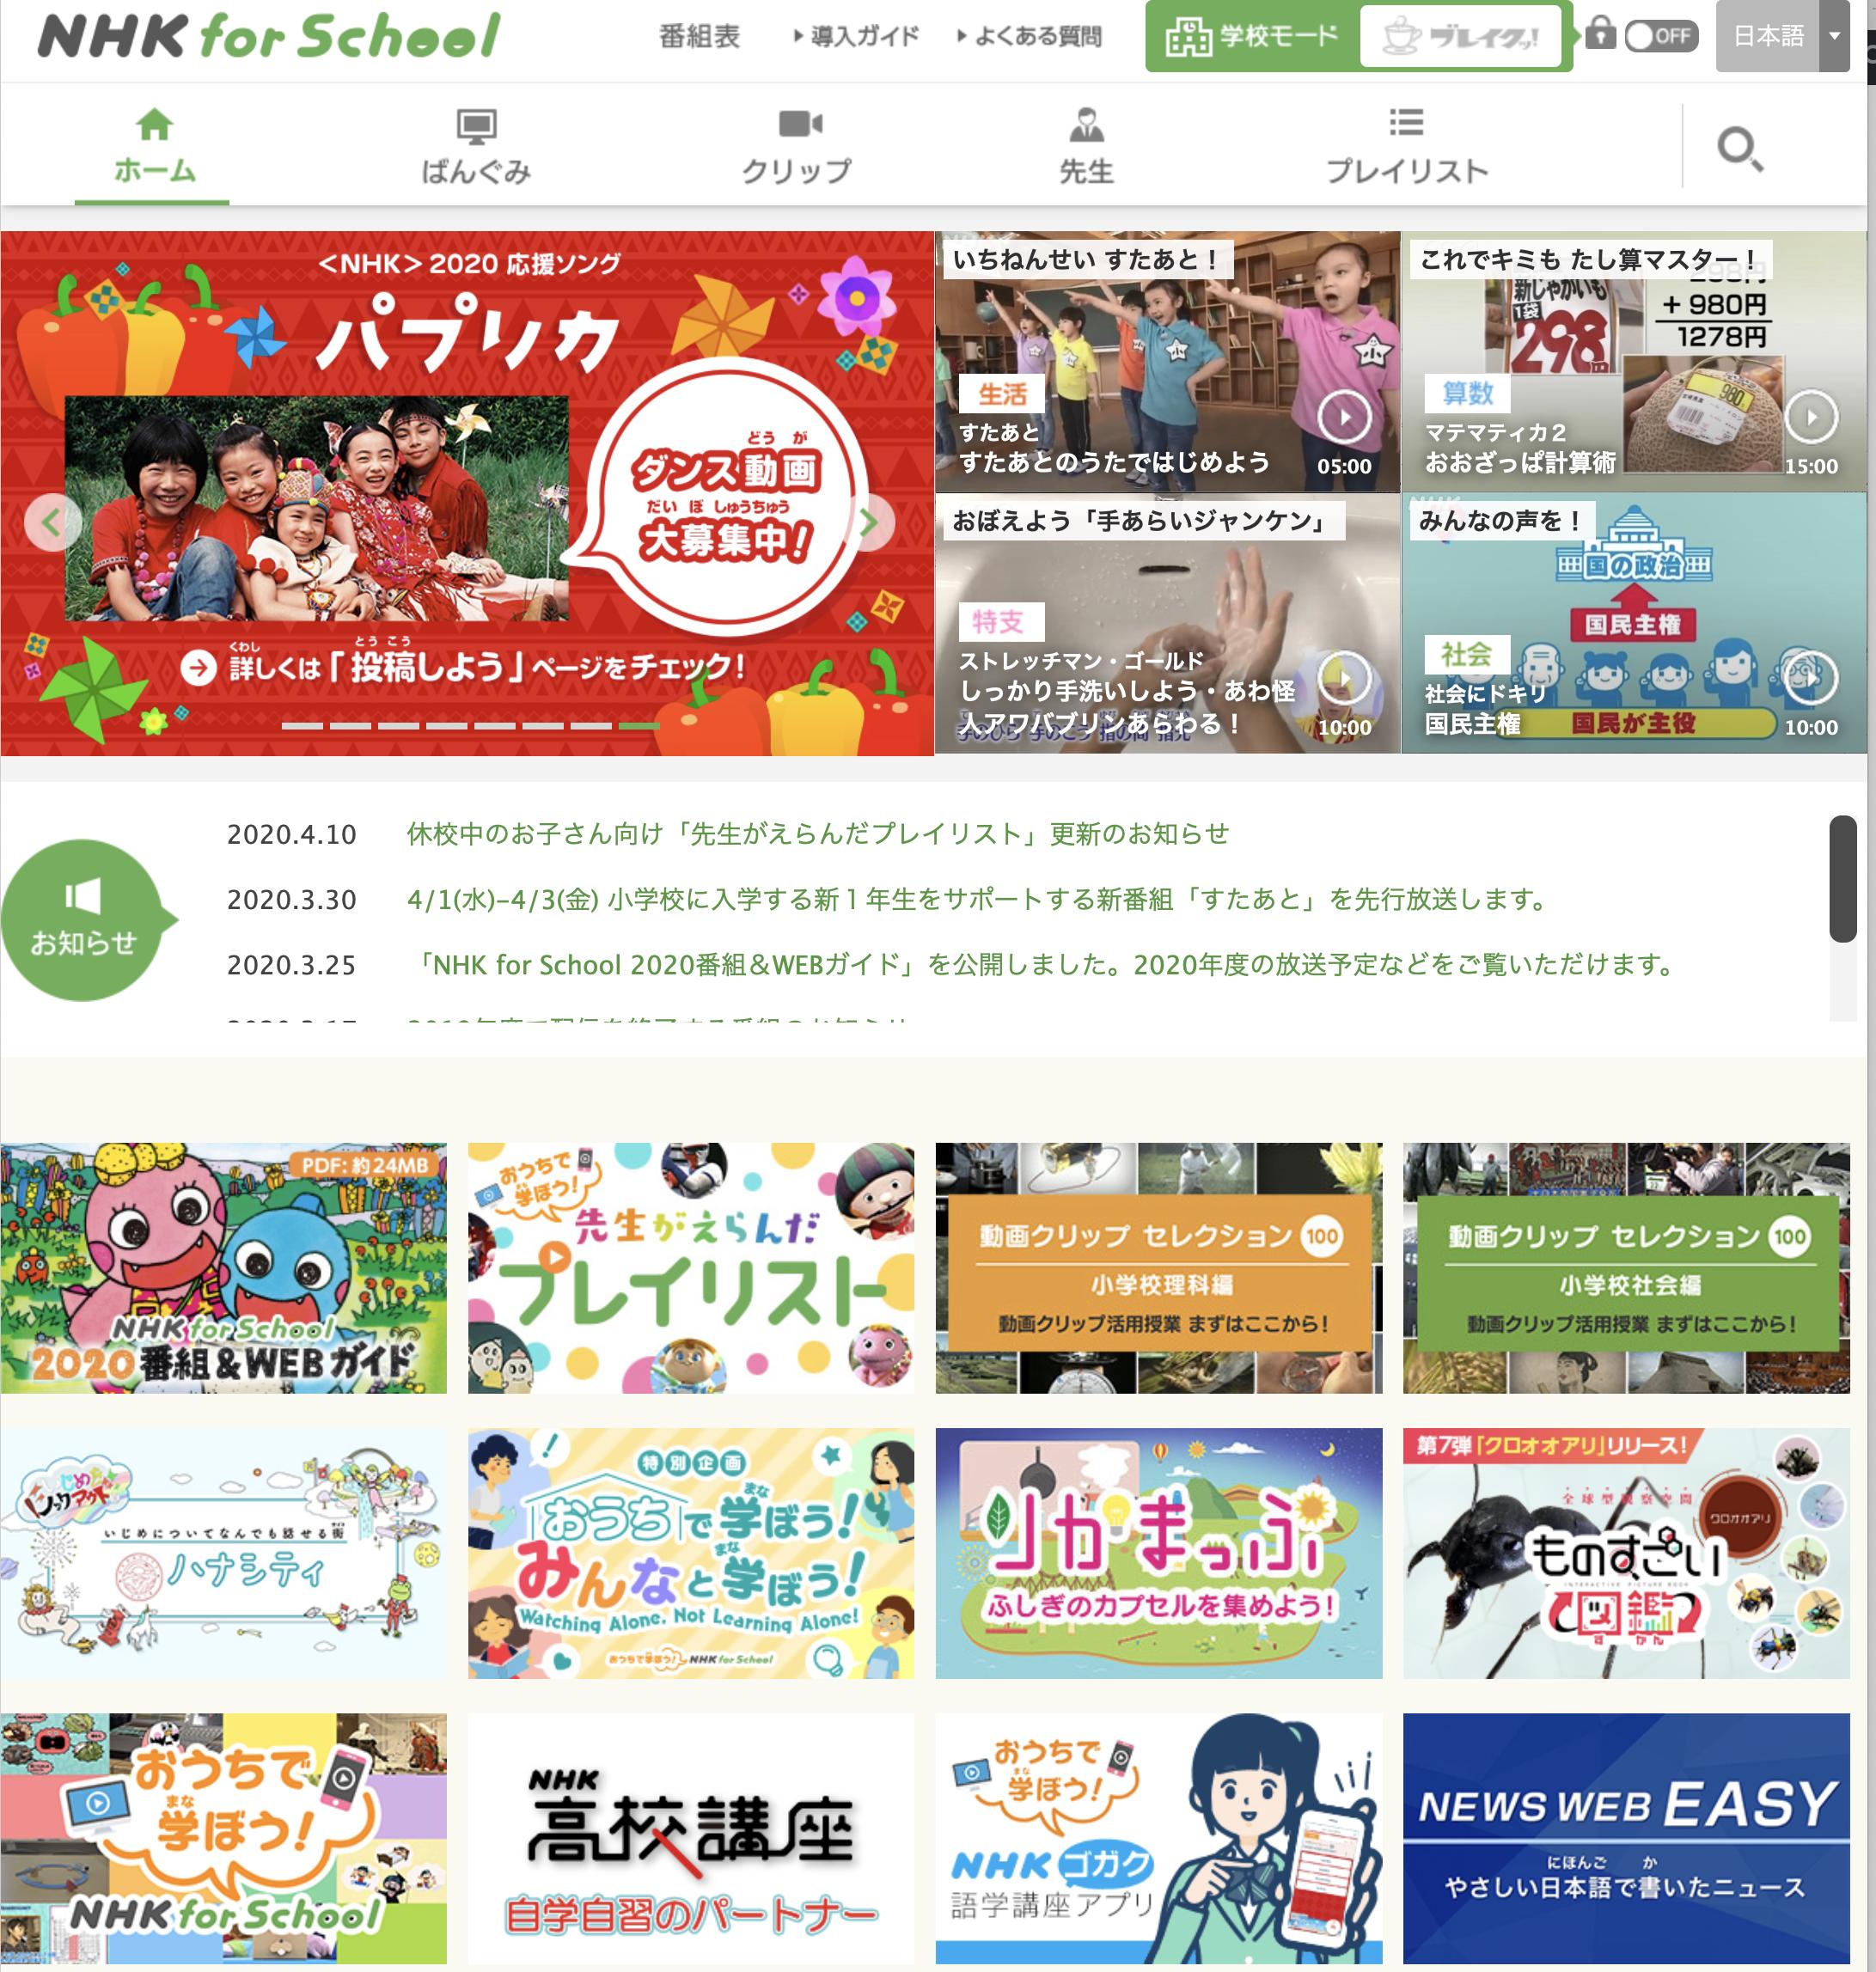 【おすすめサイト】NHK for School